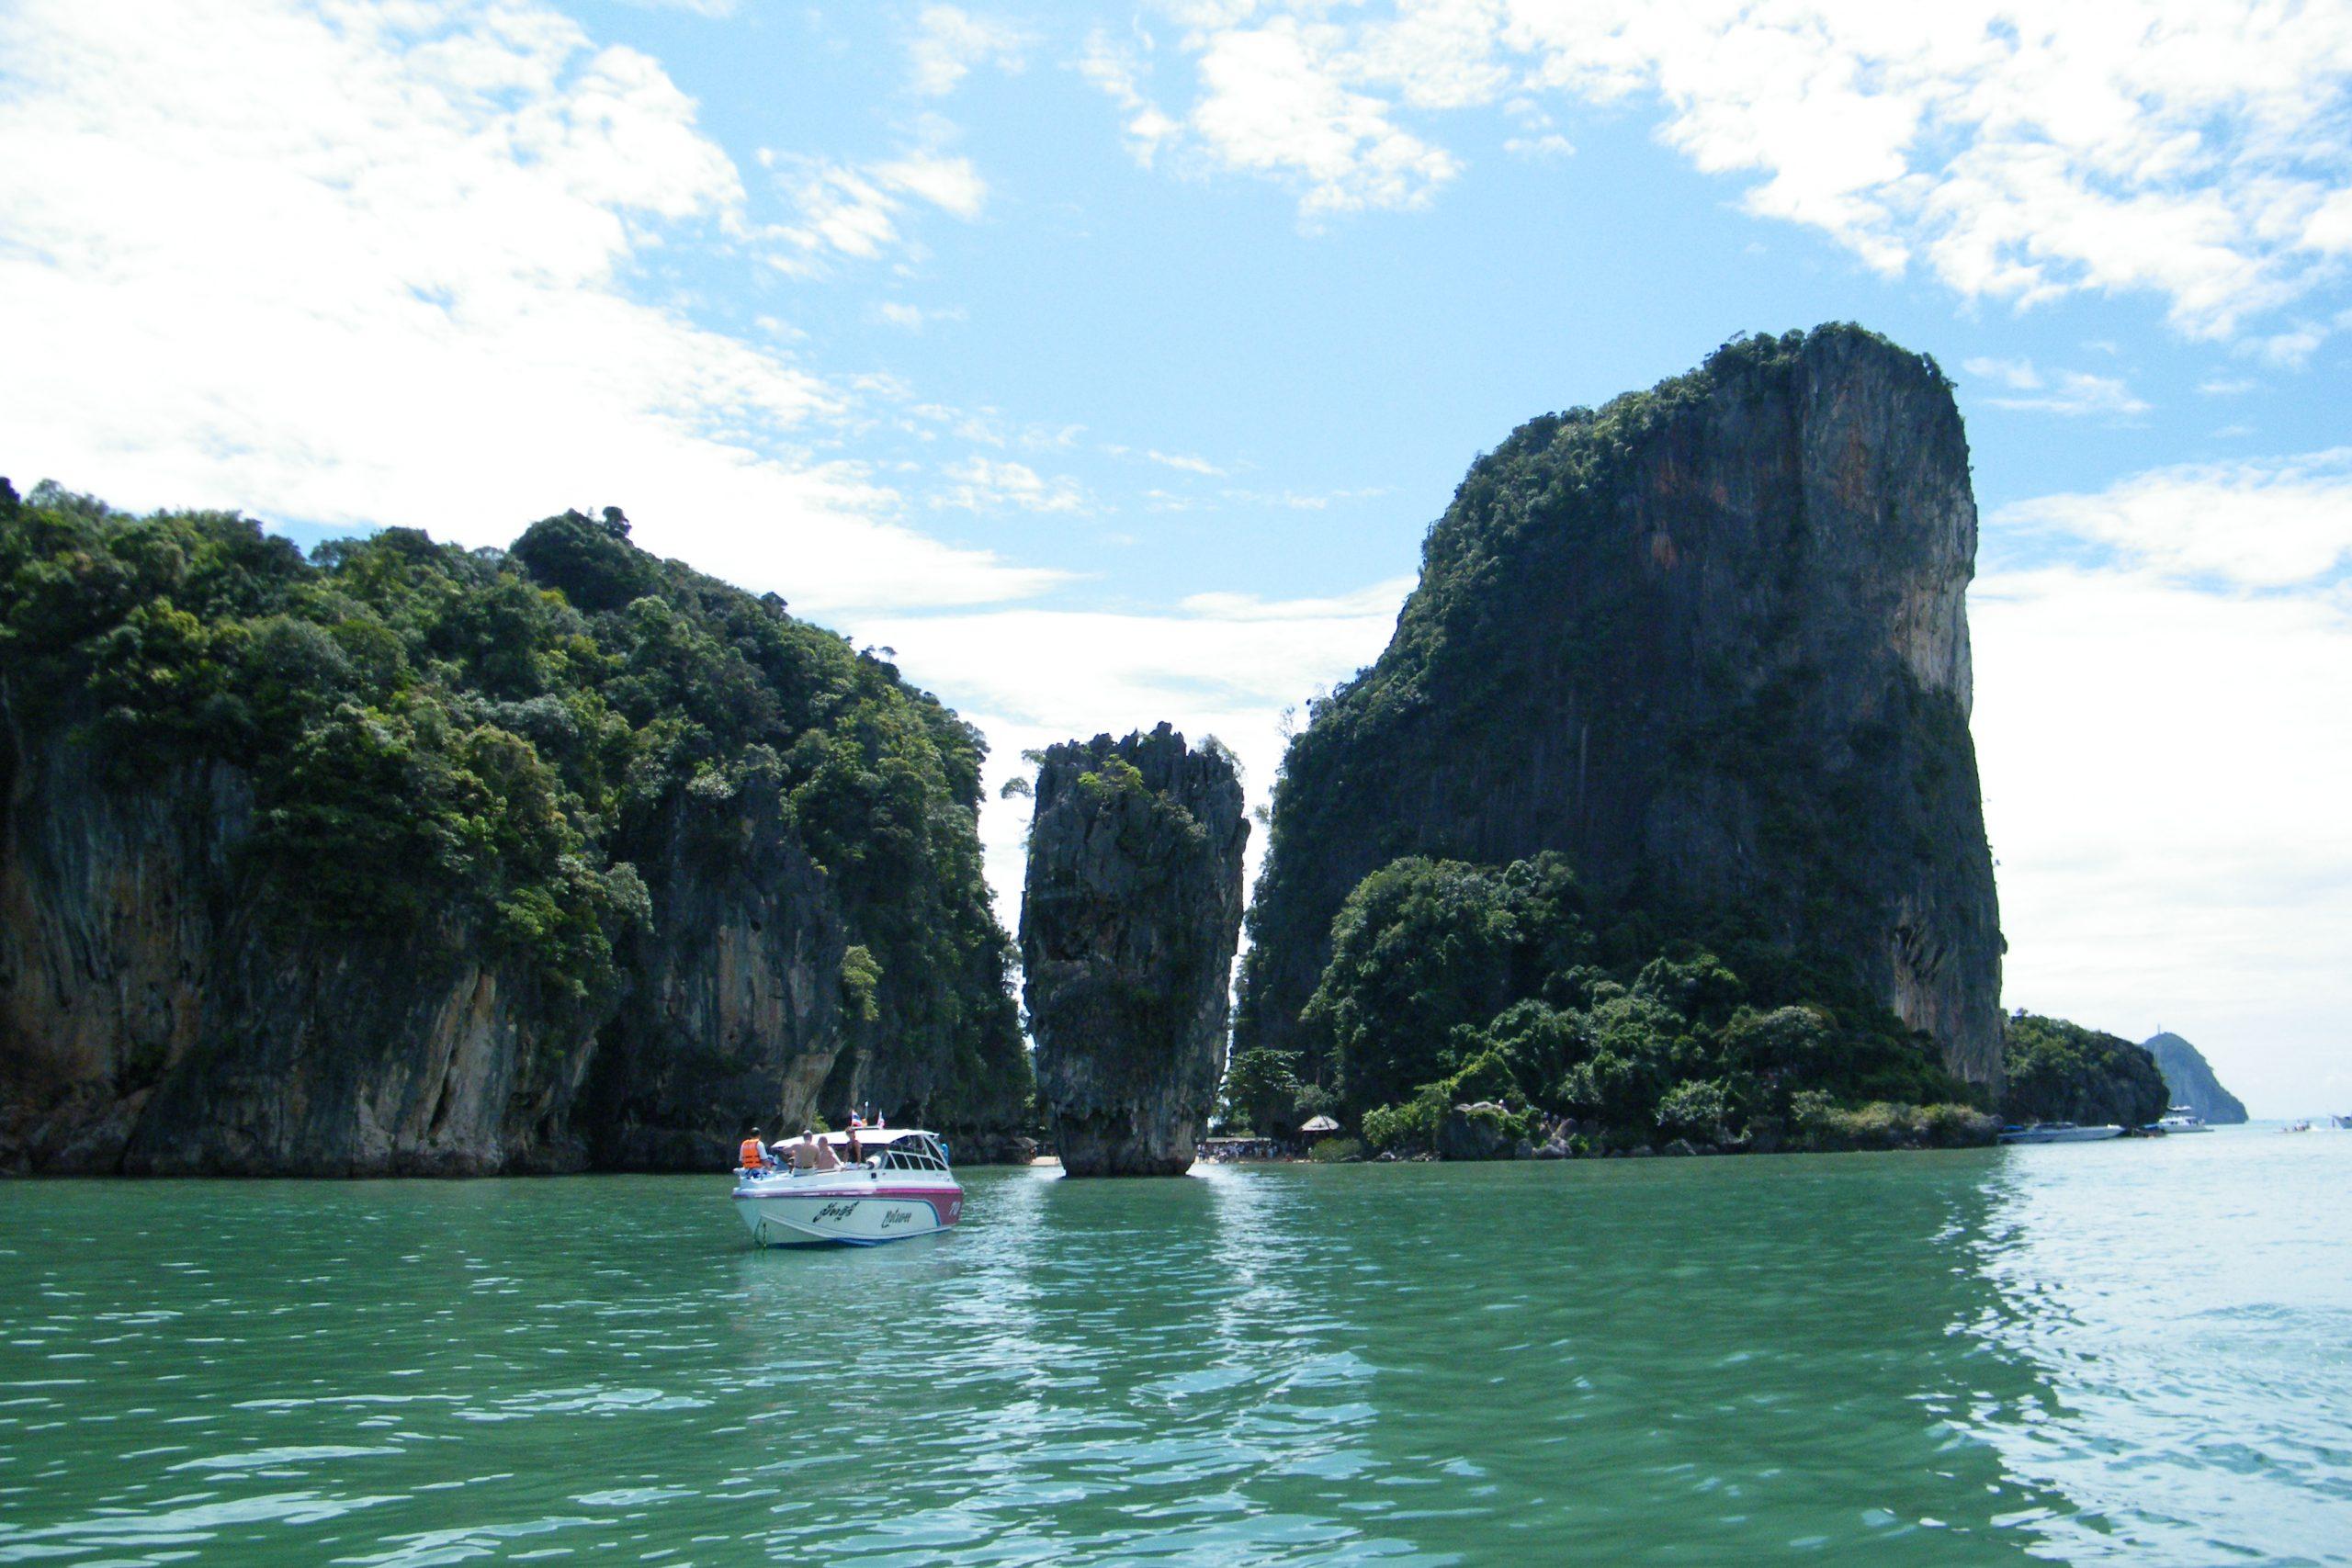 Flere flyselskaber er klar til at genoptage flyvninger til Thailand med udenlandske turister, der nu i begrænset omfang kan komme ind i landet på langvarige visa. Arkivfoto fra området ved Phuket: Henrik Baumgarten.